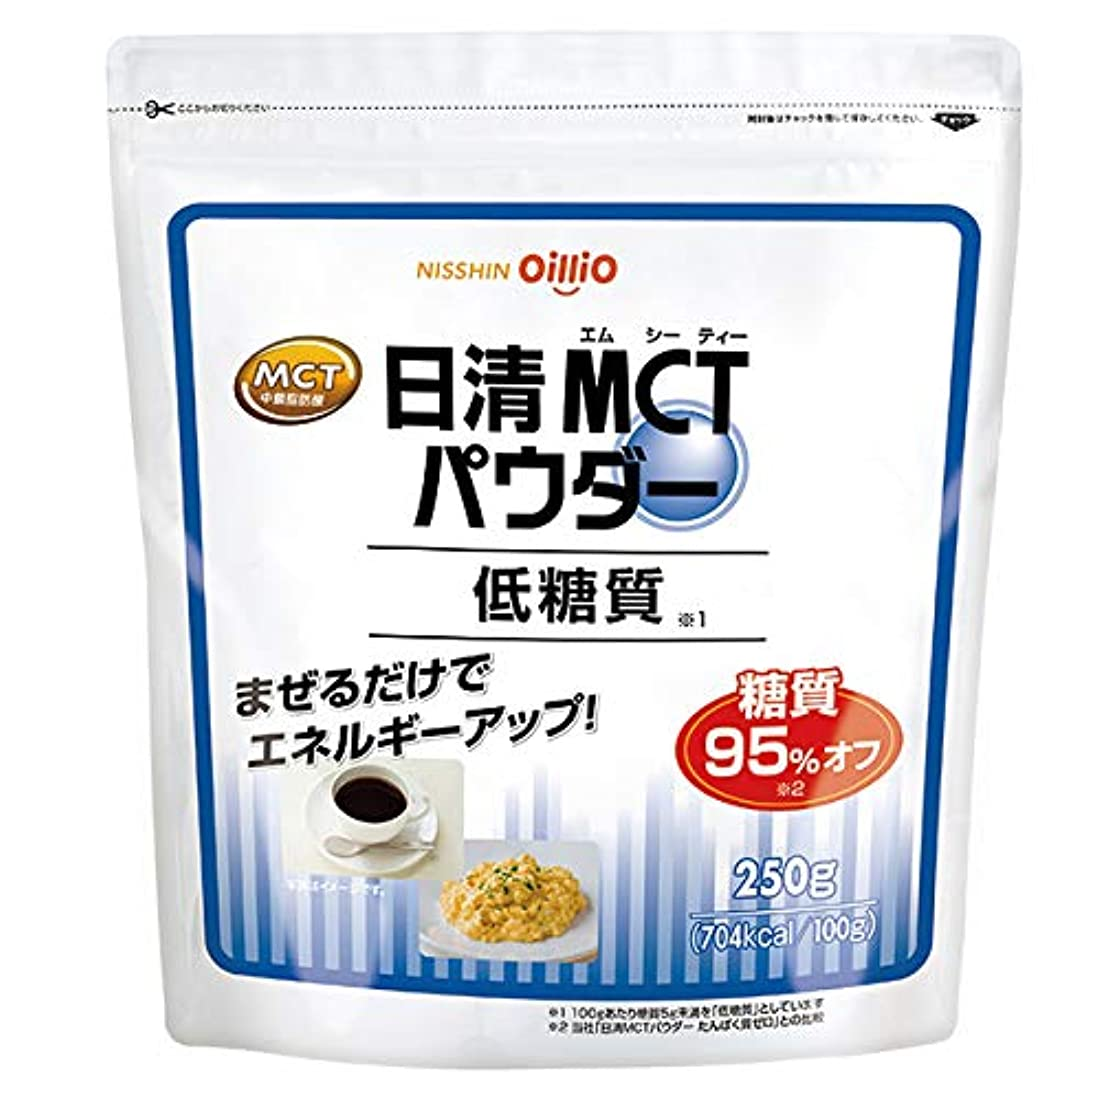 ホテルトランスミッション出演者日清MCTパウダー 低糖質 250g